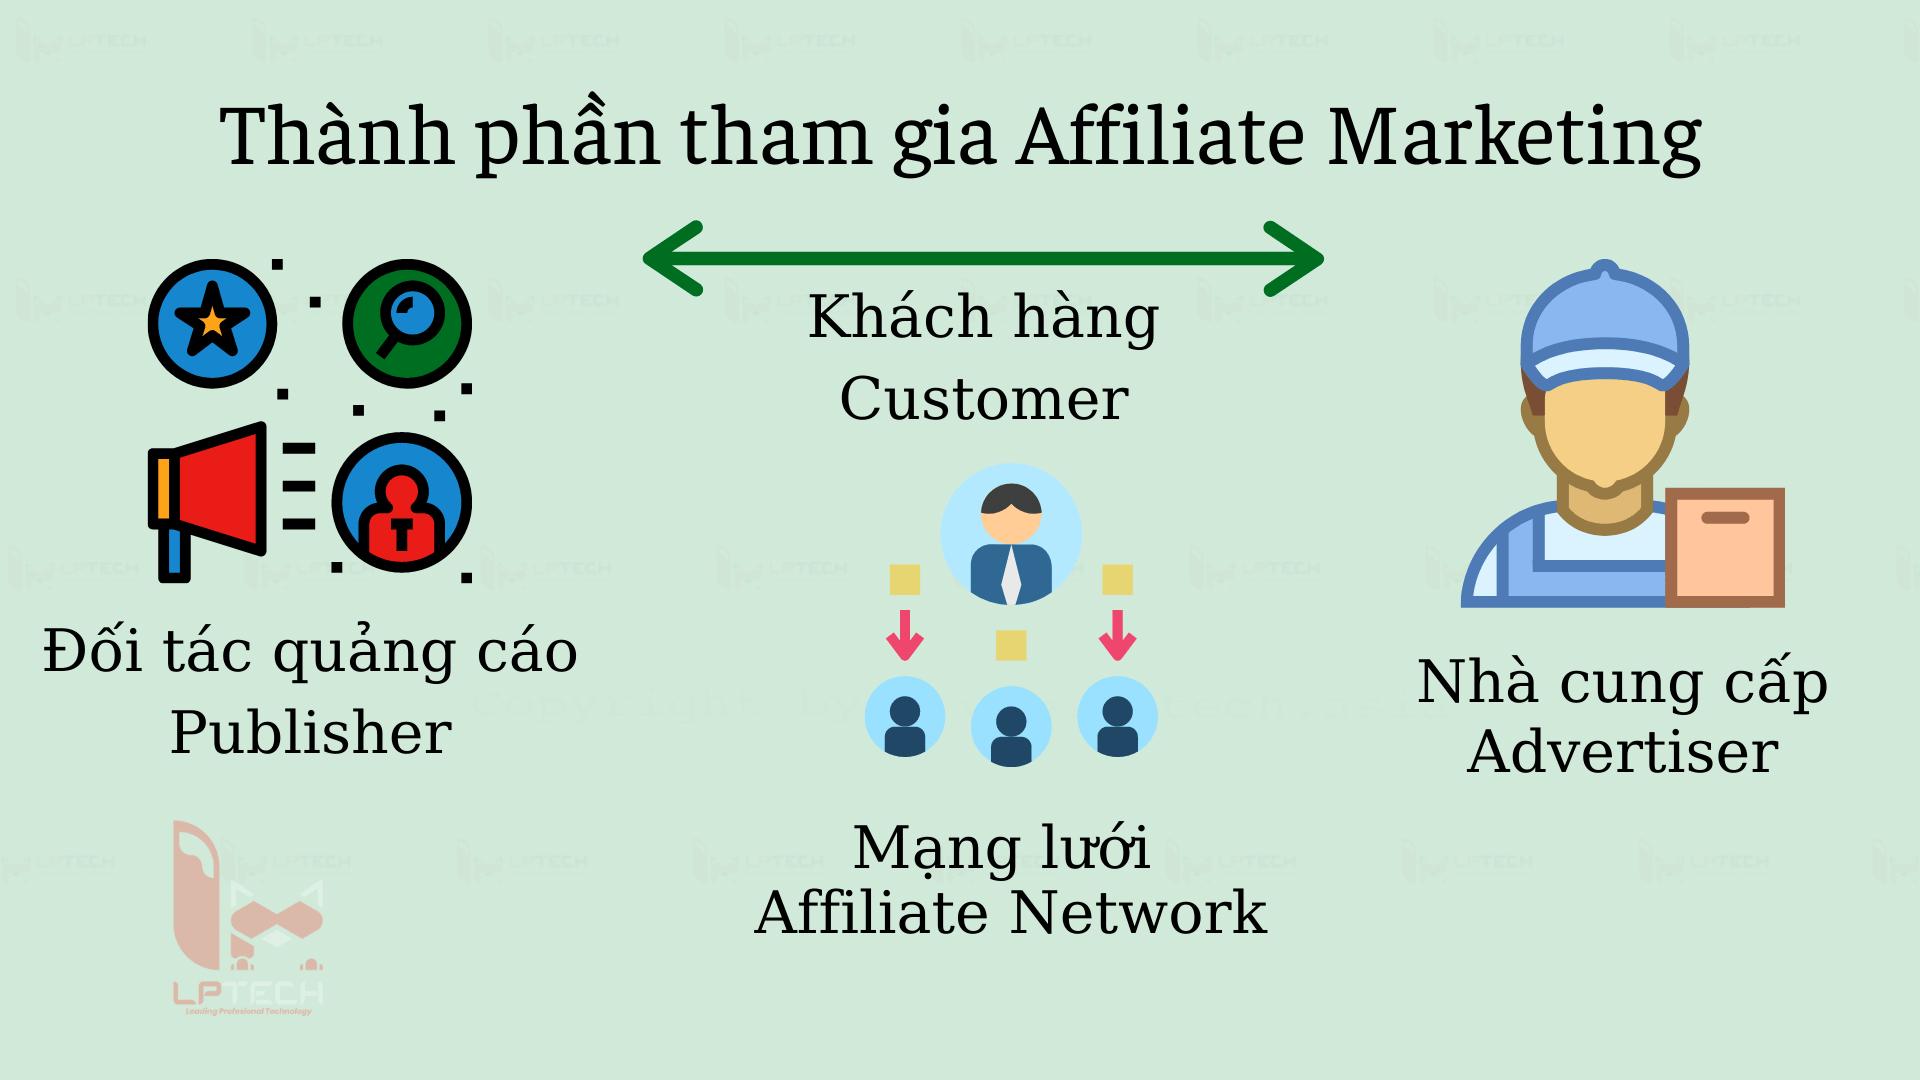 Thành phần tham gia Affiliate Marketing